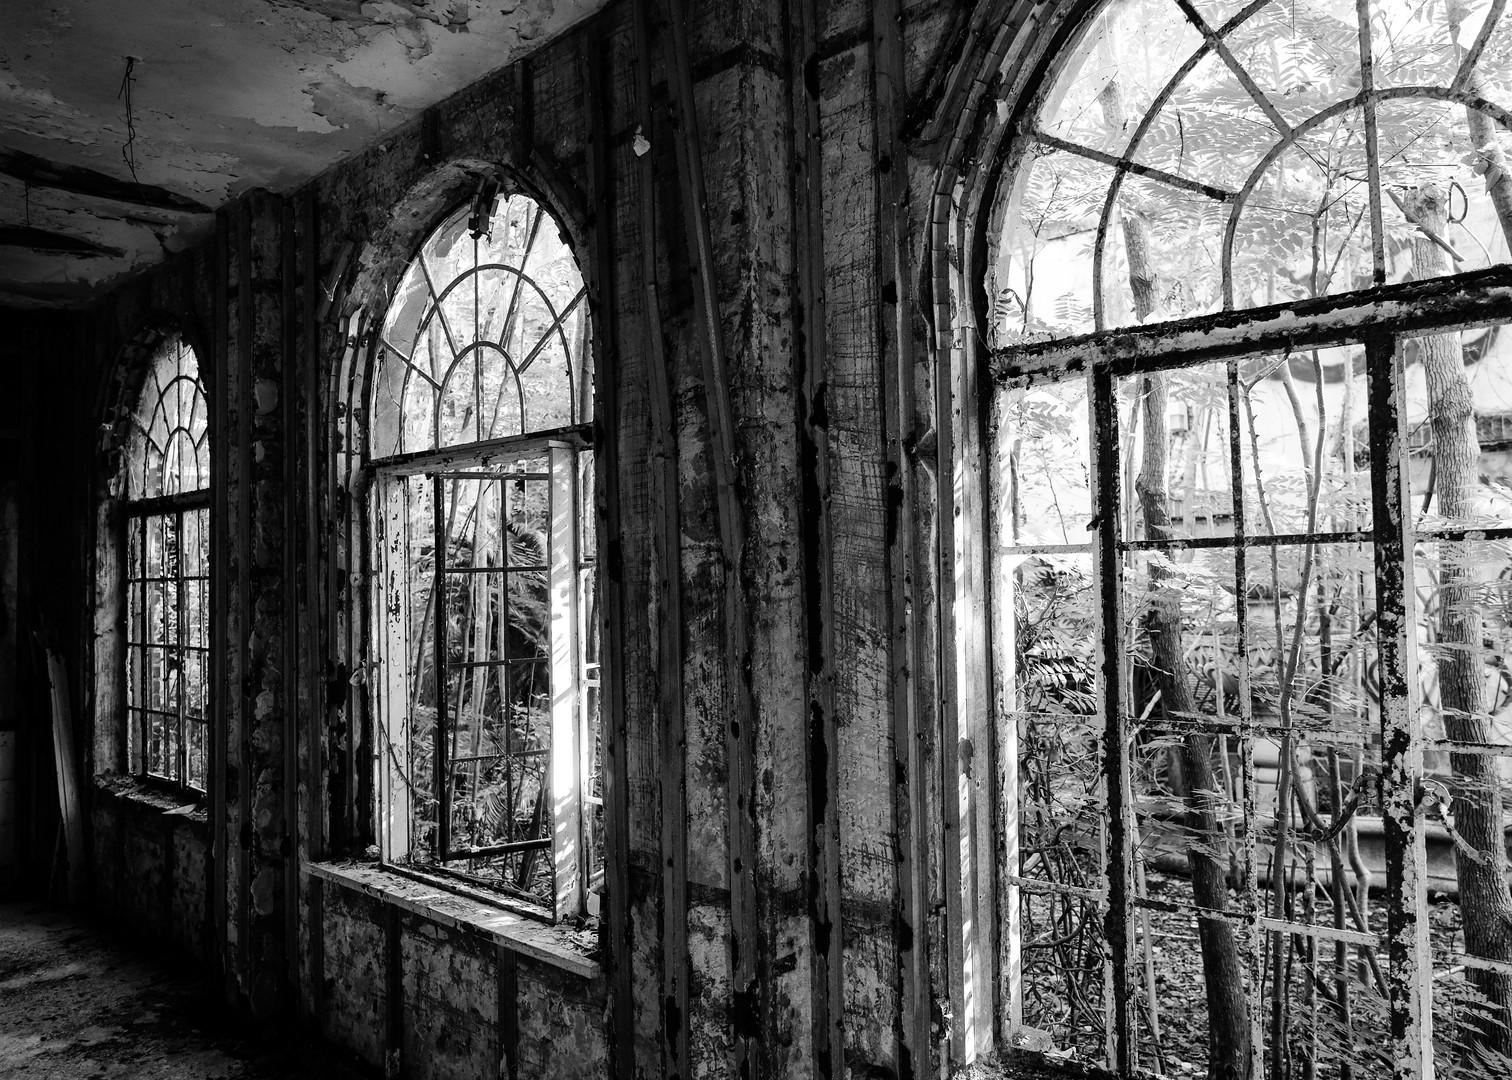 Abandoned Windows